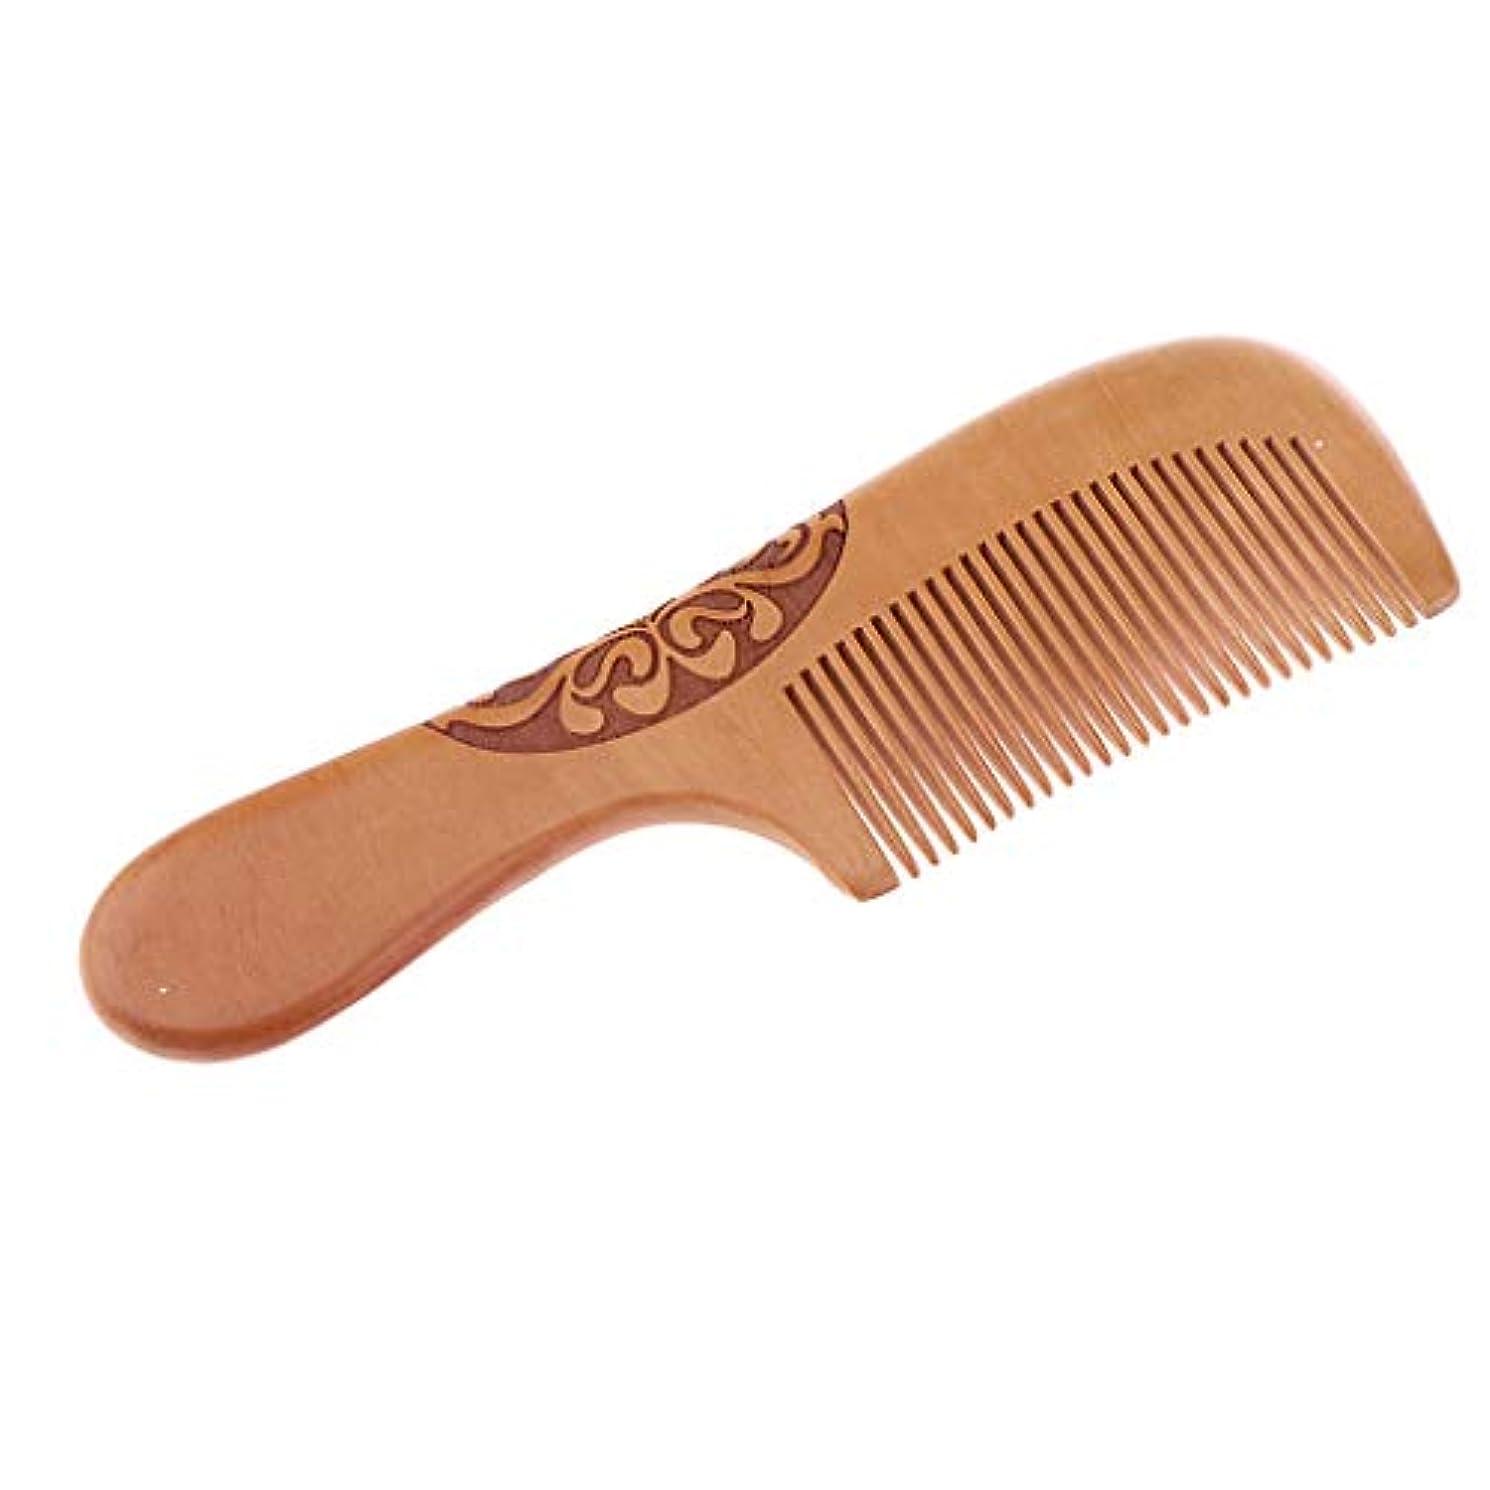 オン同性愛者実装するDYNWAVE ヘアコーム 広い歯 櫛 木製 美髪ケア 頭皮マッサージ 4タイプ選べ - H